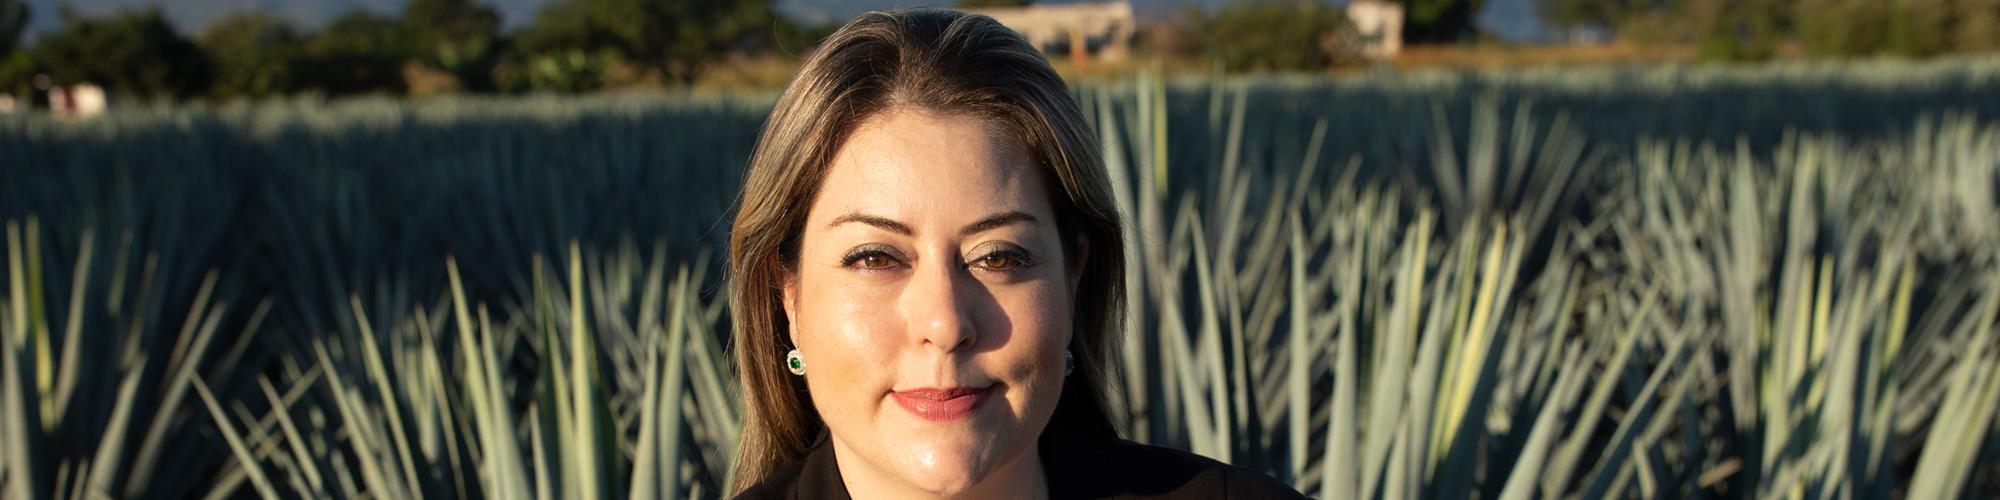 Ana Laborde es CEO y fundadora de BioSolutions México